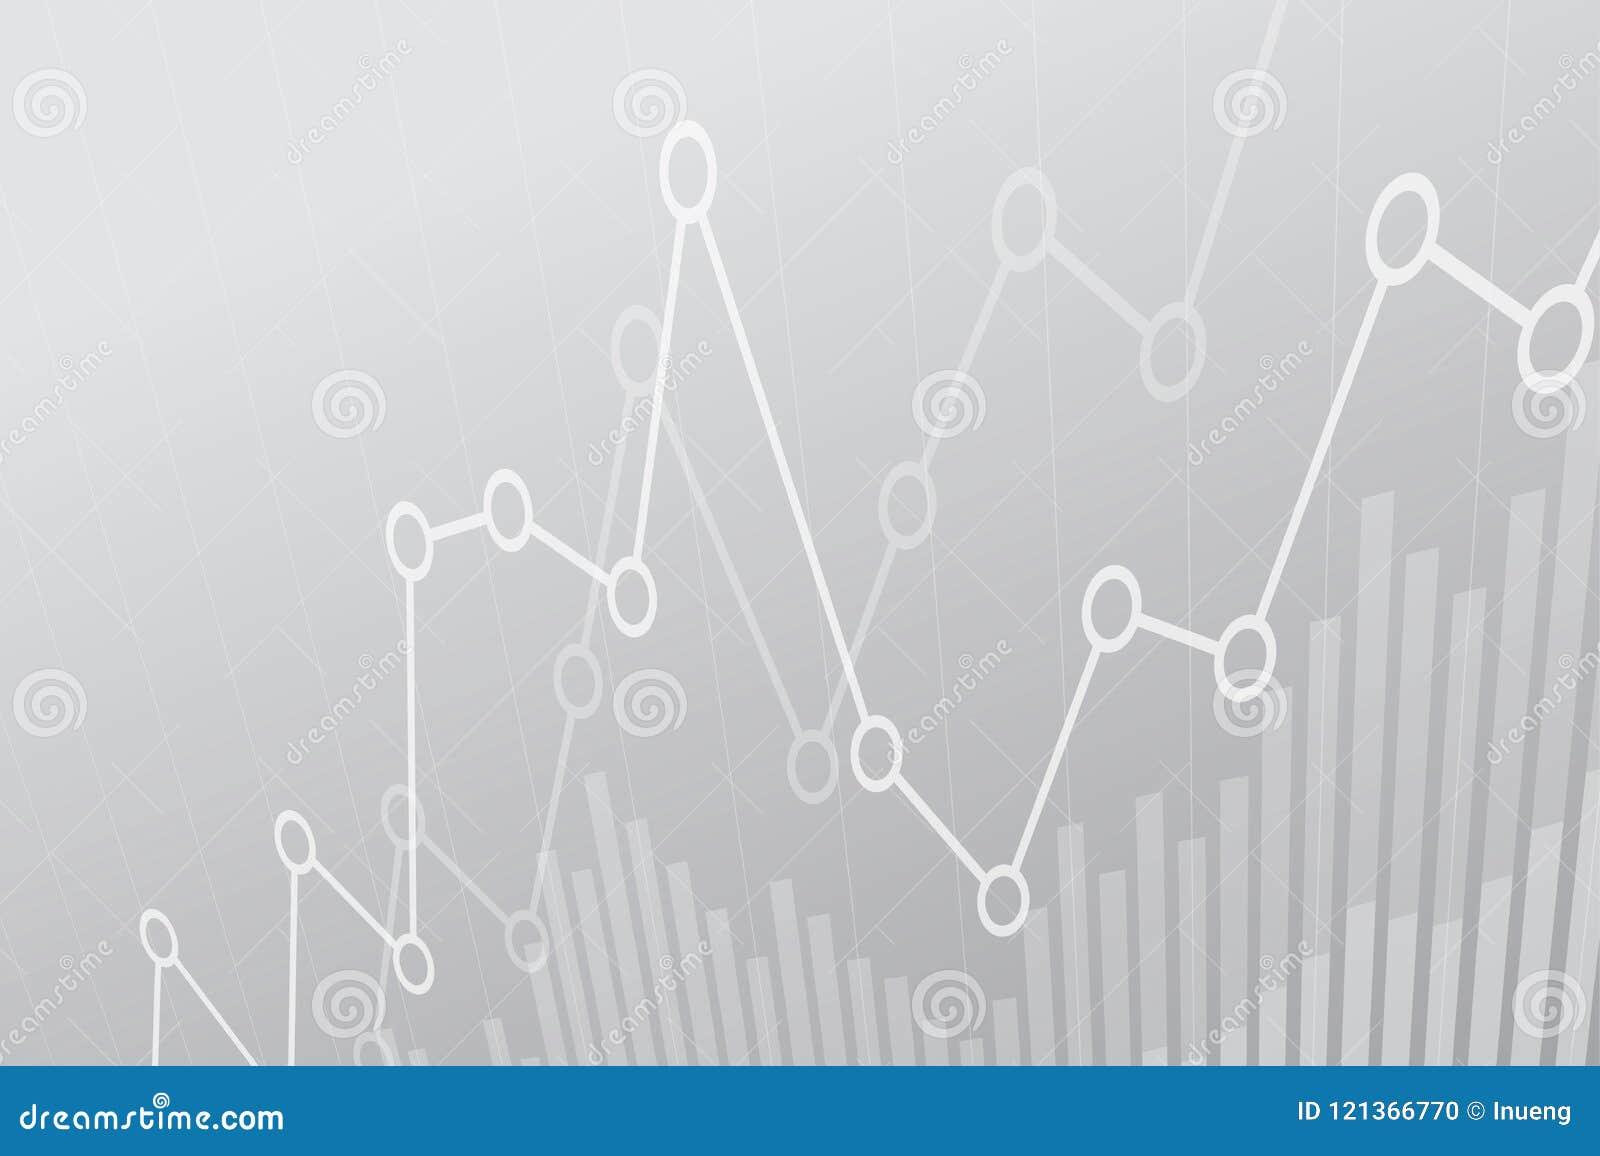 Abstracte financiële grafiek met uptrend lijngrafiek op grijze achtergrond